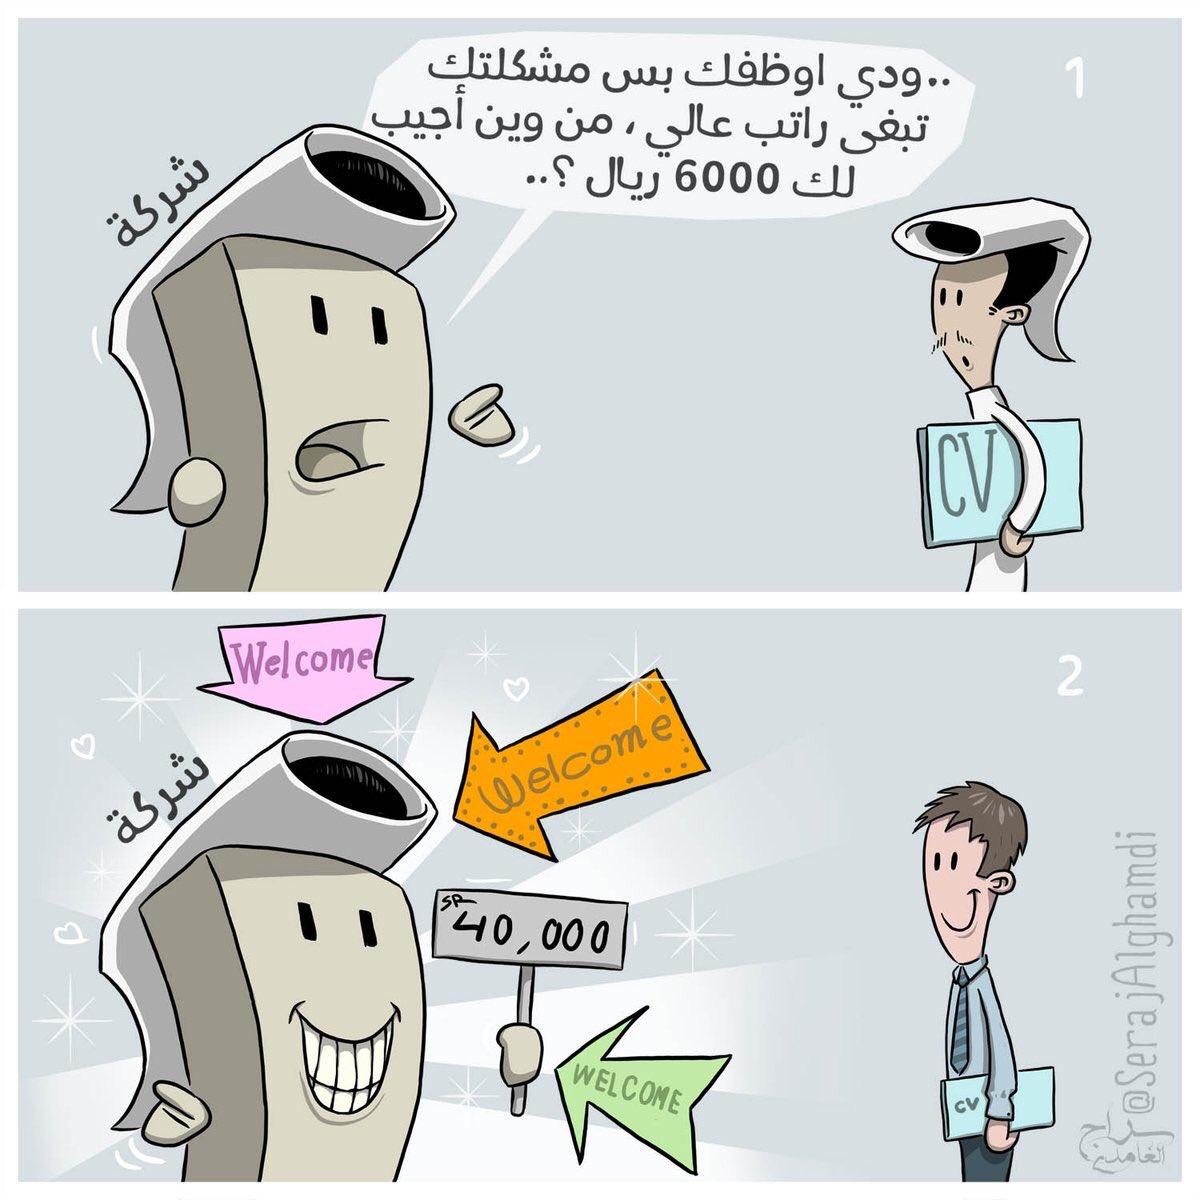 كاريكاتير يختصر الكثيييير #بلد_المليون_ك...